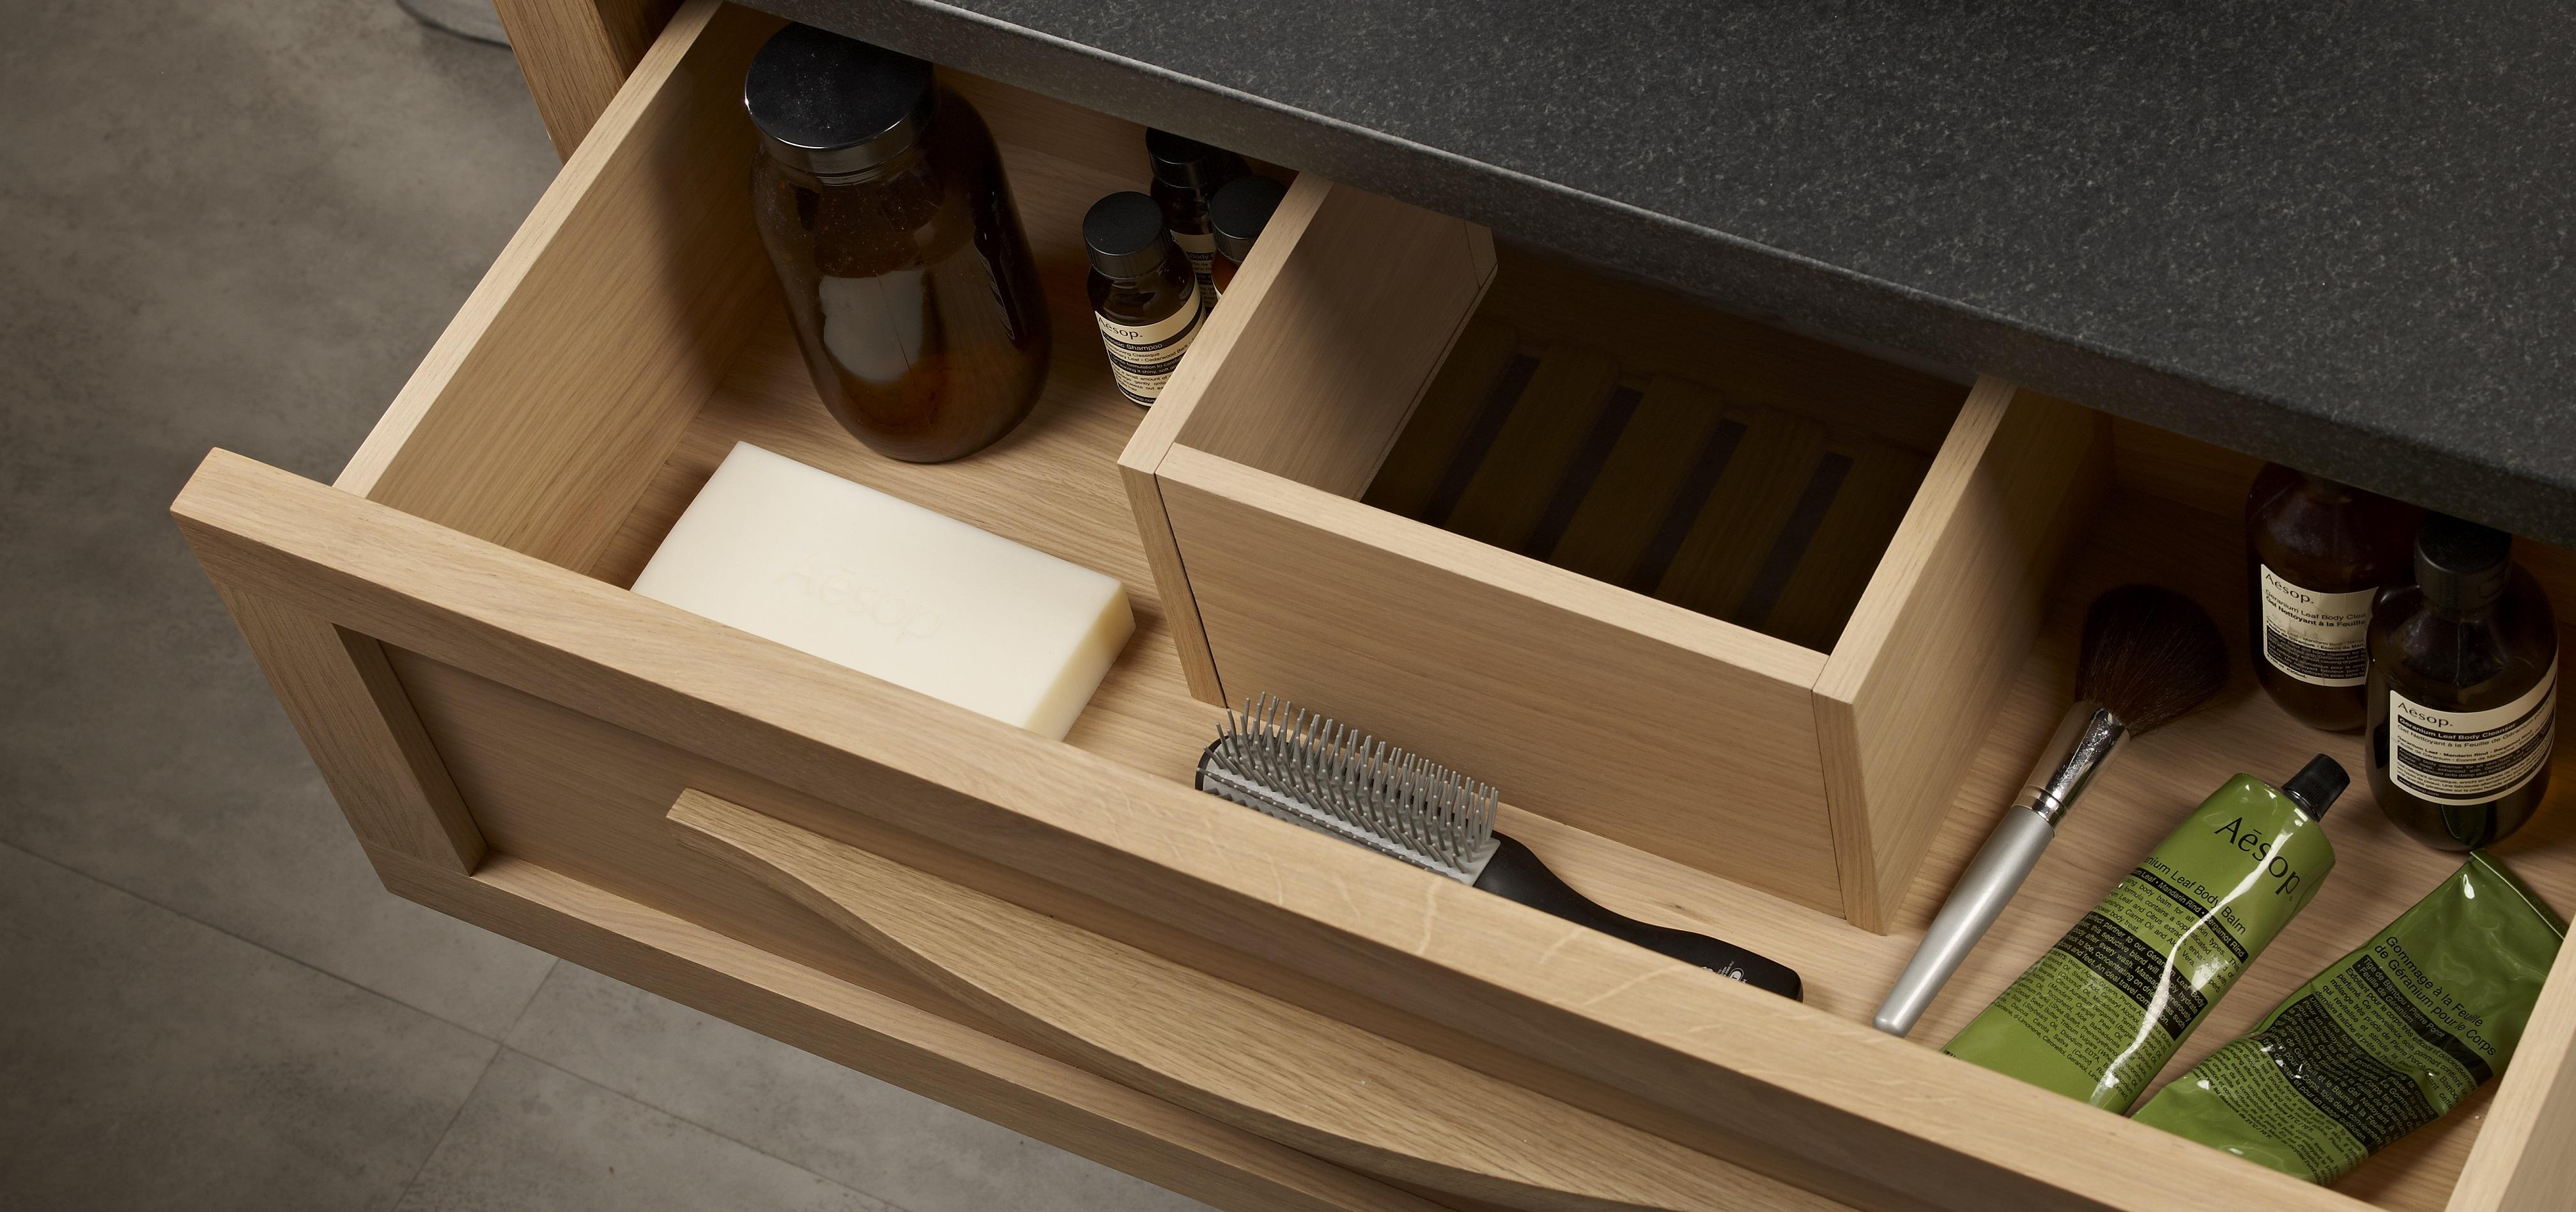 Artisan open drawer